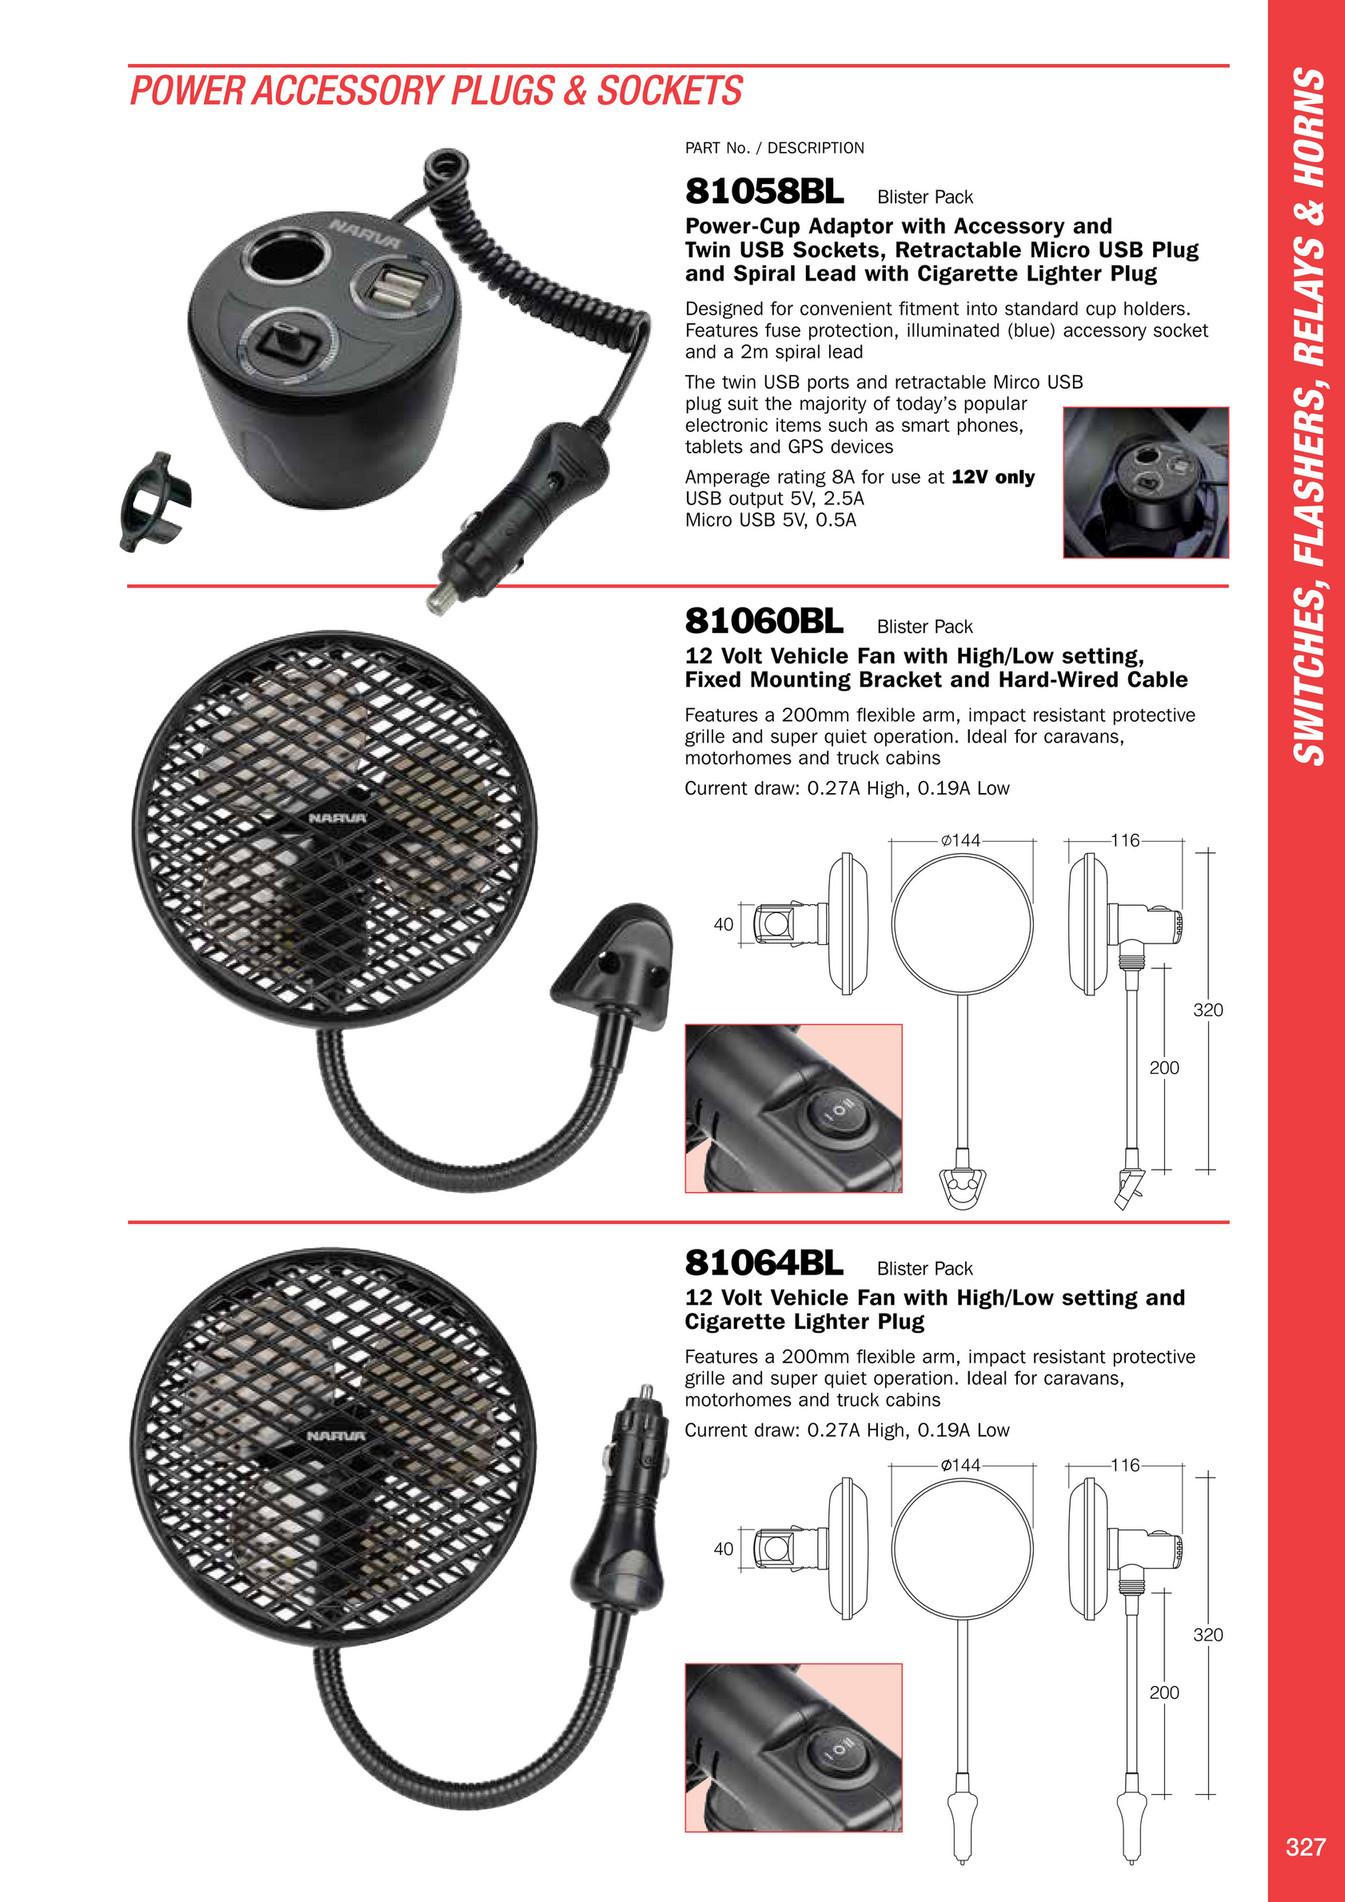 hard wiring cigarette lighter plug solidfonts hard wiring cigarette lighter plug solidfonts